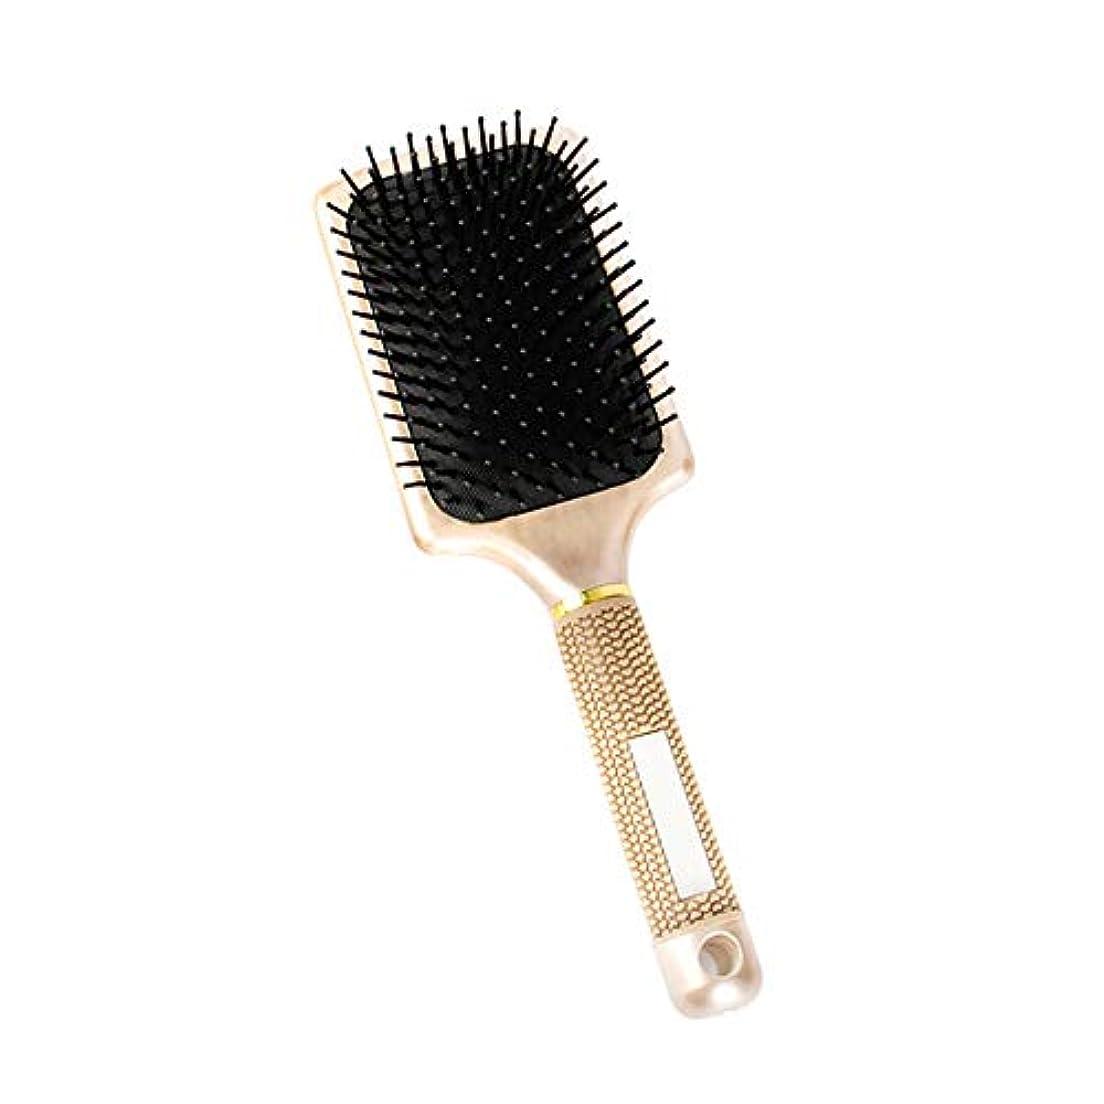 グリップ胸合法ピン付きマッサージヘアブラシメッセージケアヘアケアアクセサリー用エアクッション付きブラック1個ゴールド